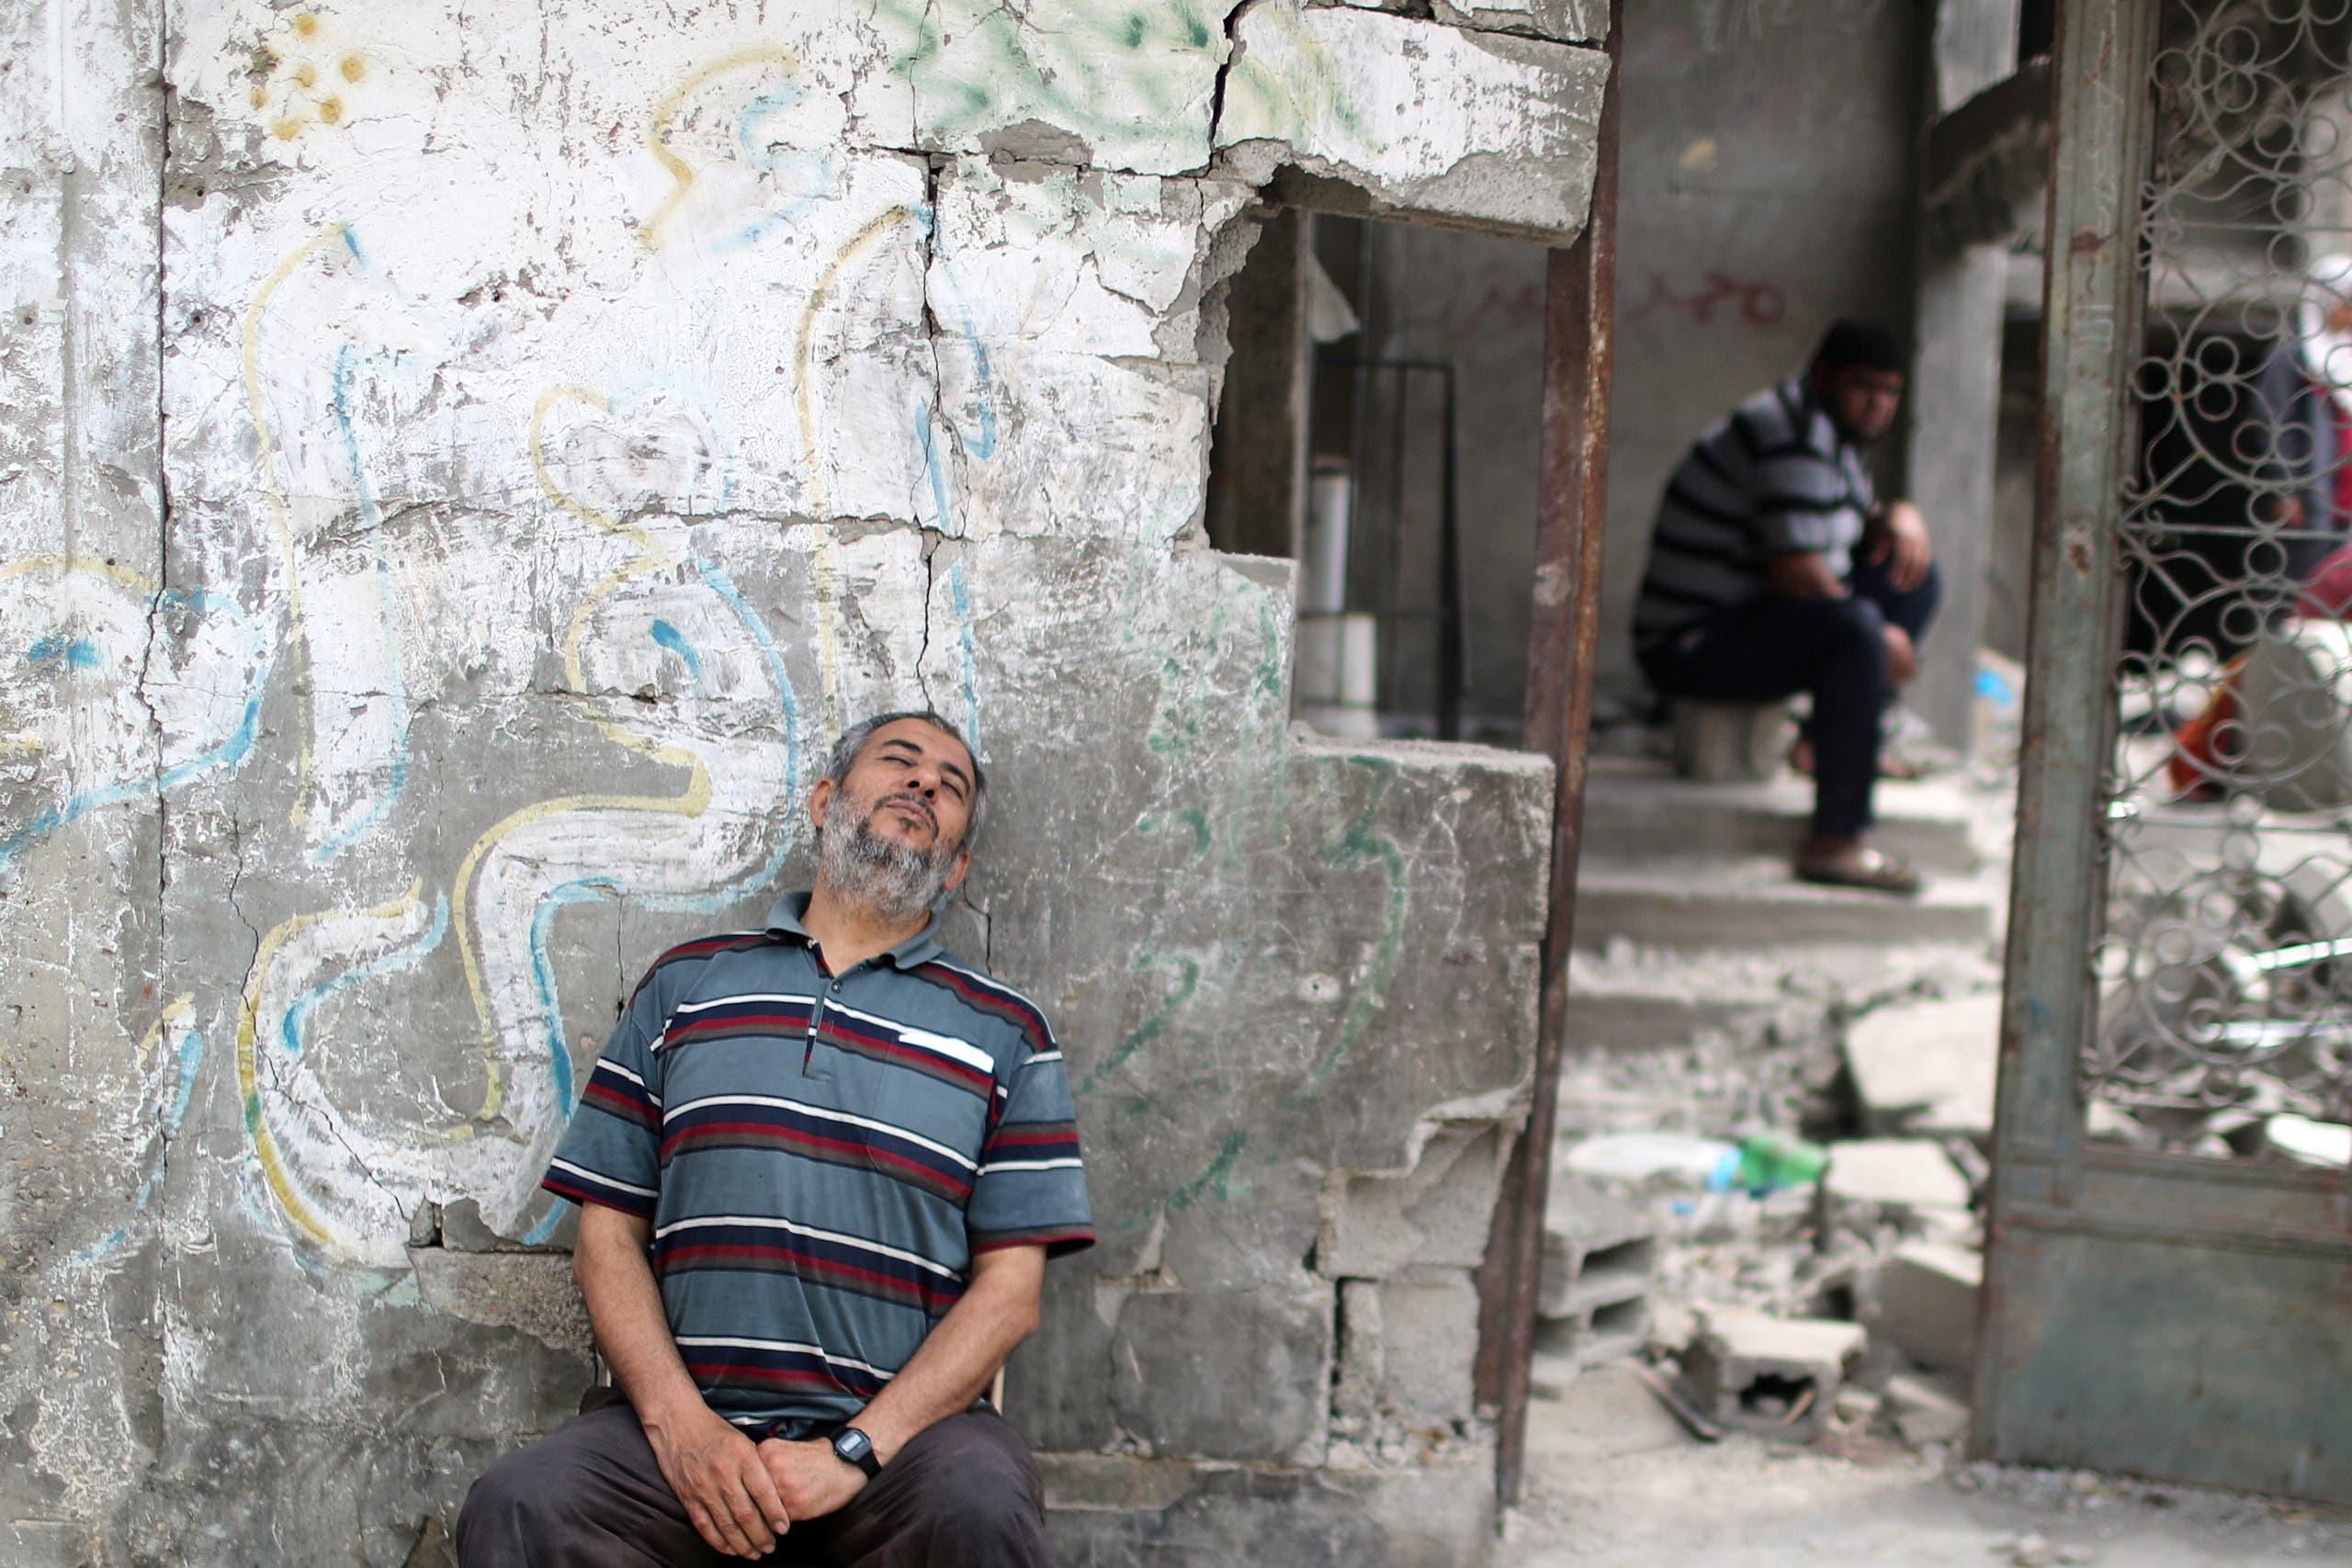 فلسطيني يجلس بجانب حطام منزله في غزة